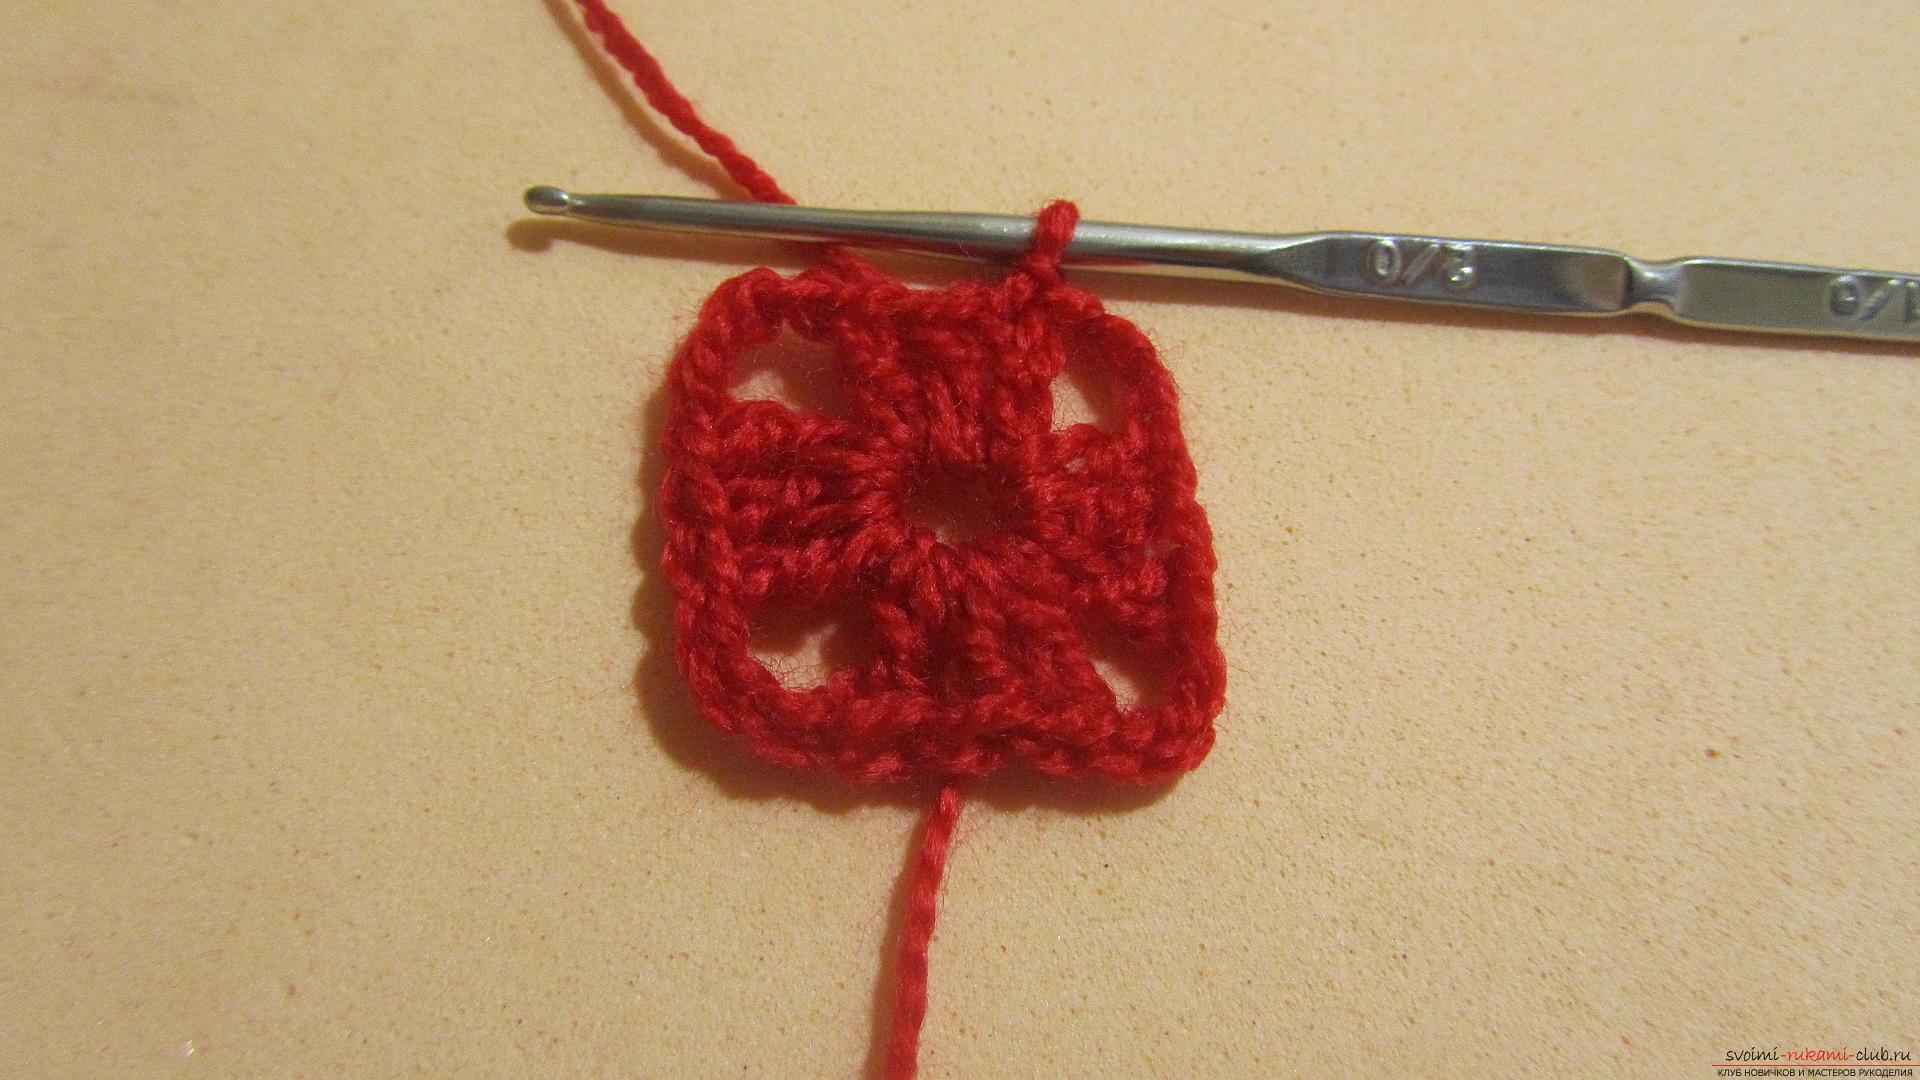 Одежду для мягких игрушек можно связать крючком своими руками, будем одевать игрушечную обезьянку.. Фото №42